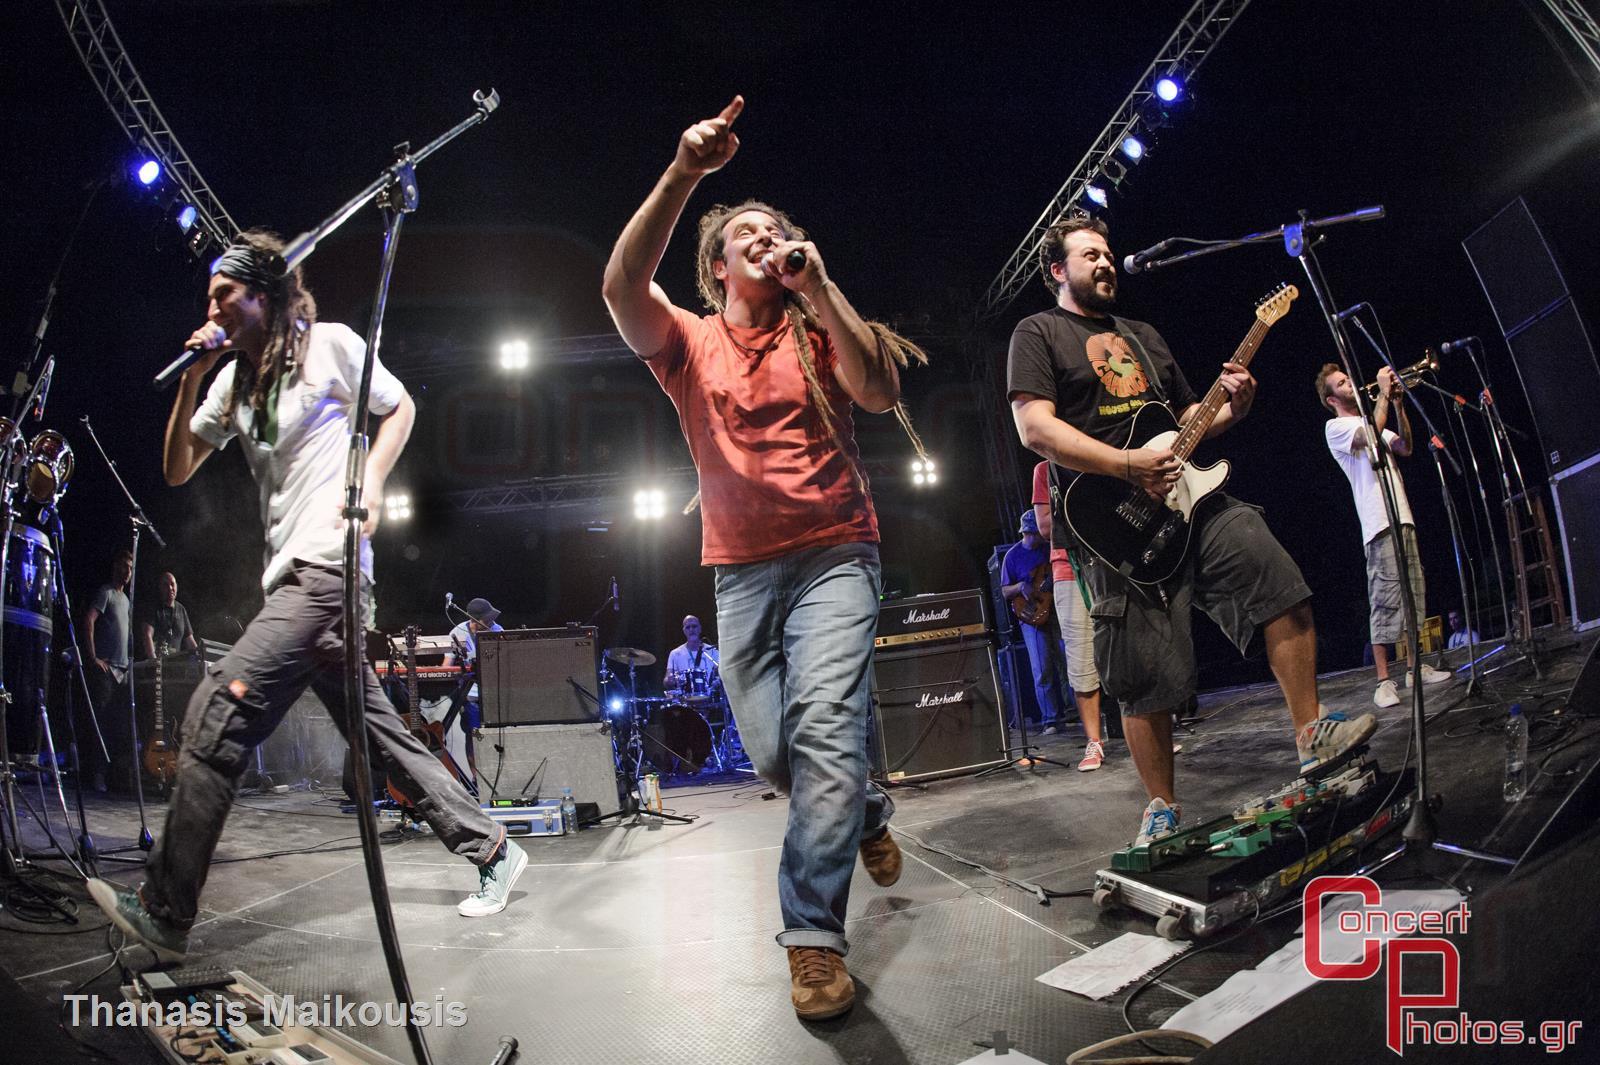 Locomondo-Locomondo 2013 Bolivar photographer: Thanasis Maikousis - concertphotos_-6507